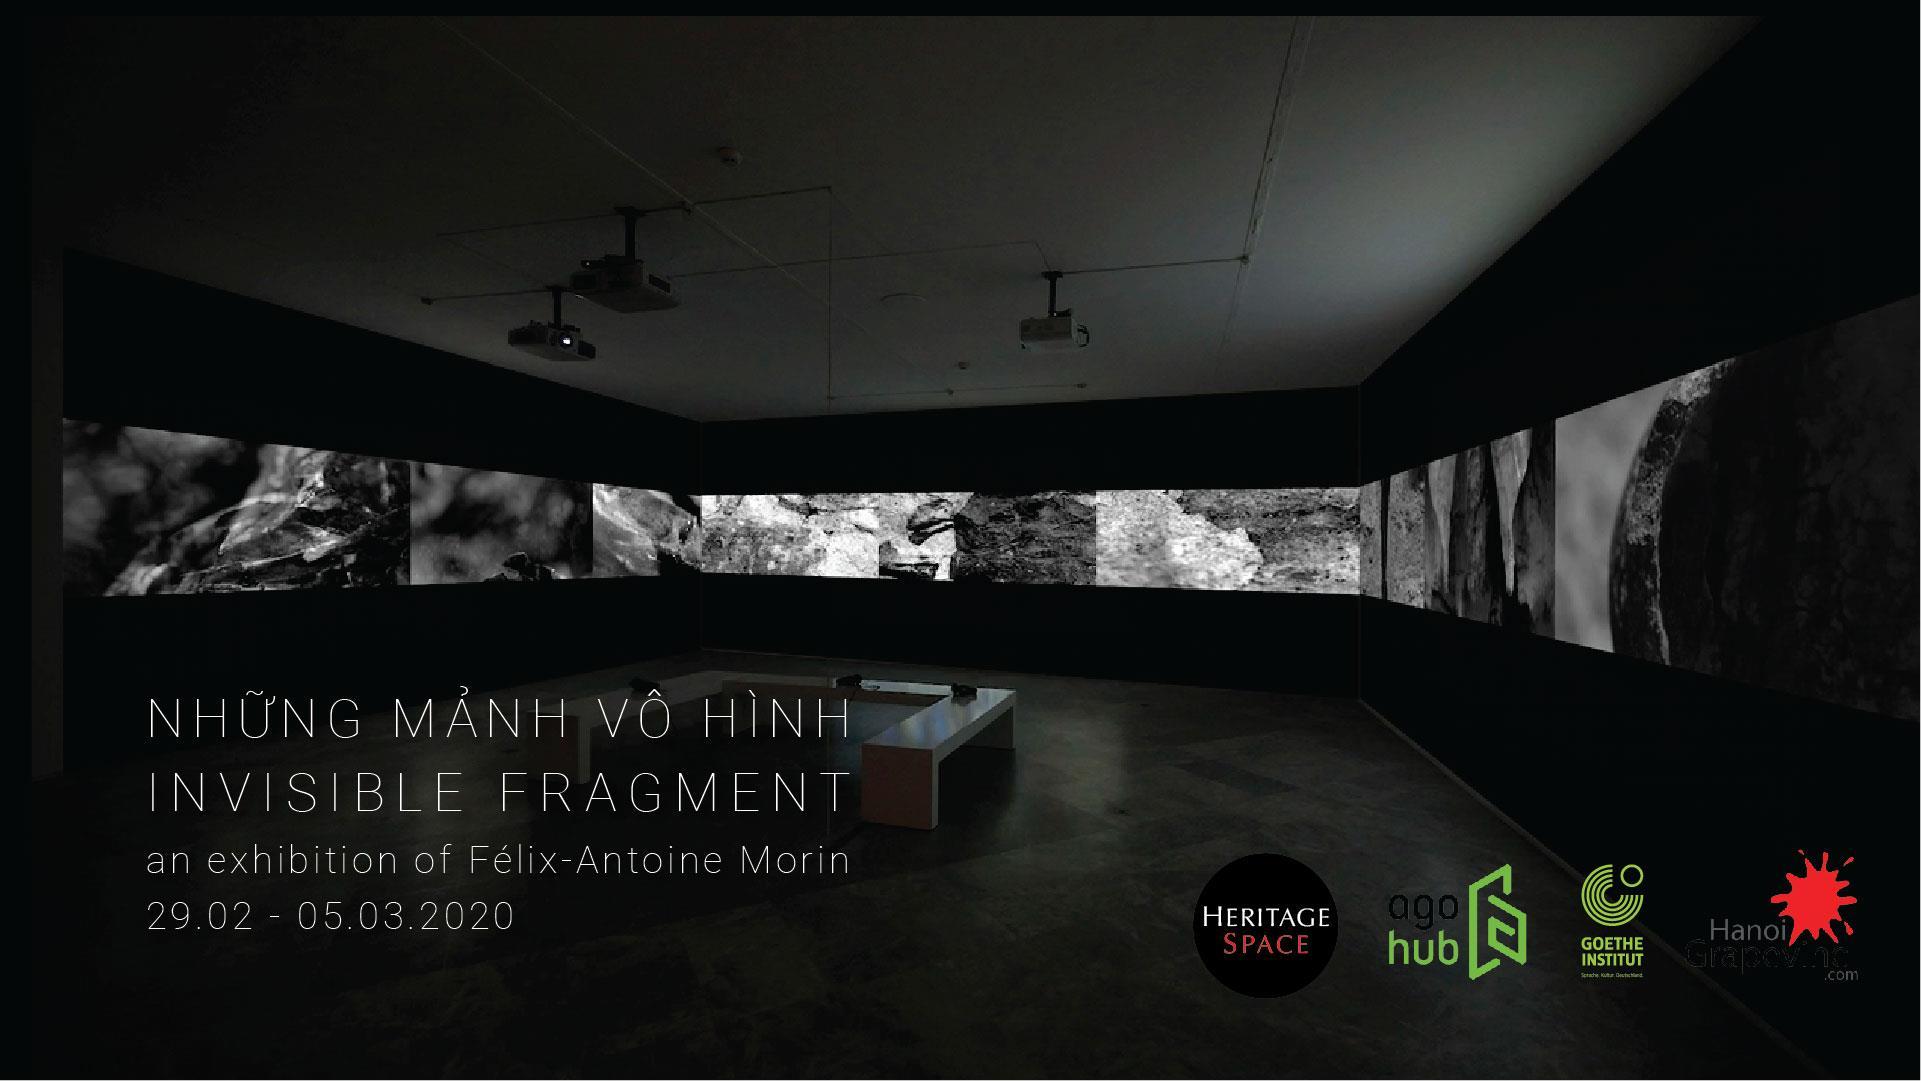 Heritage Event Hanoi 2020